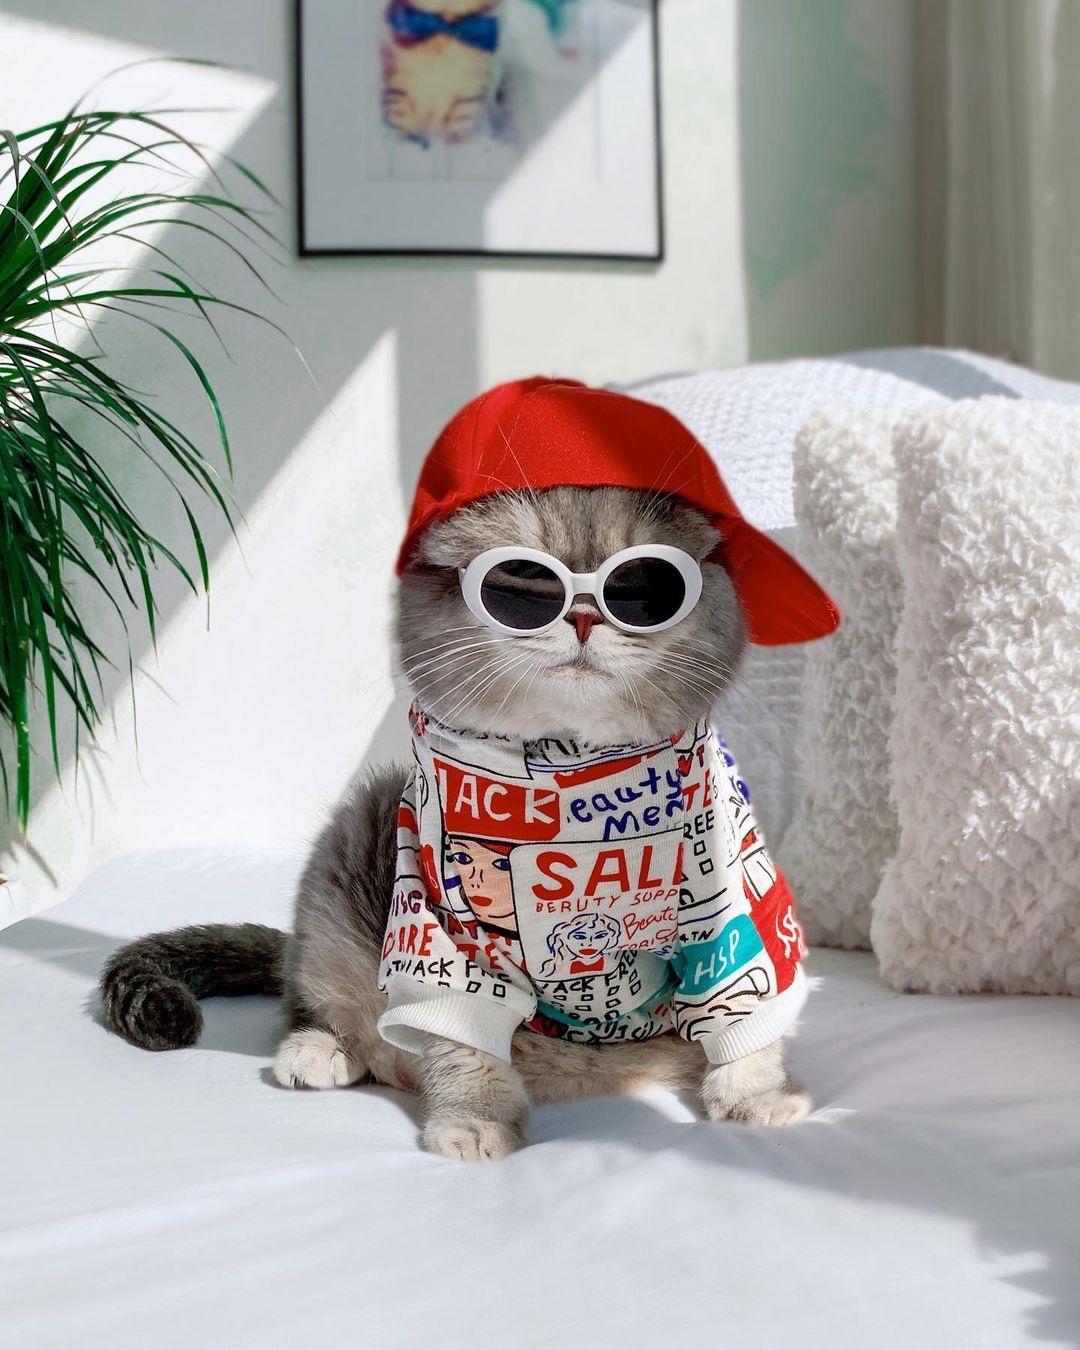 Benson có thể cân được mọi phong cách thời trang, từ sang chảnh, thể thao, cool ngầu đến lịch lãm.